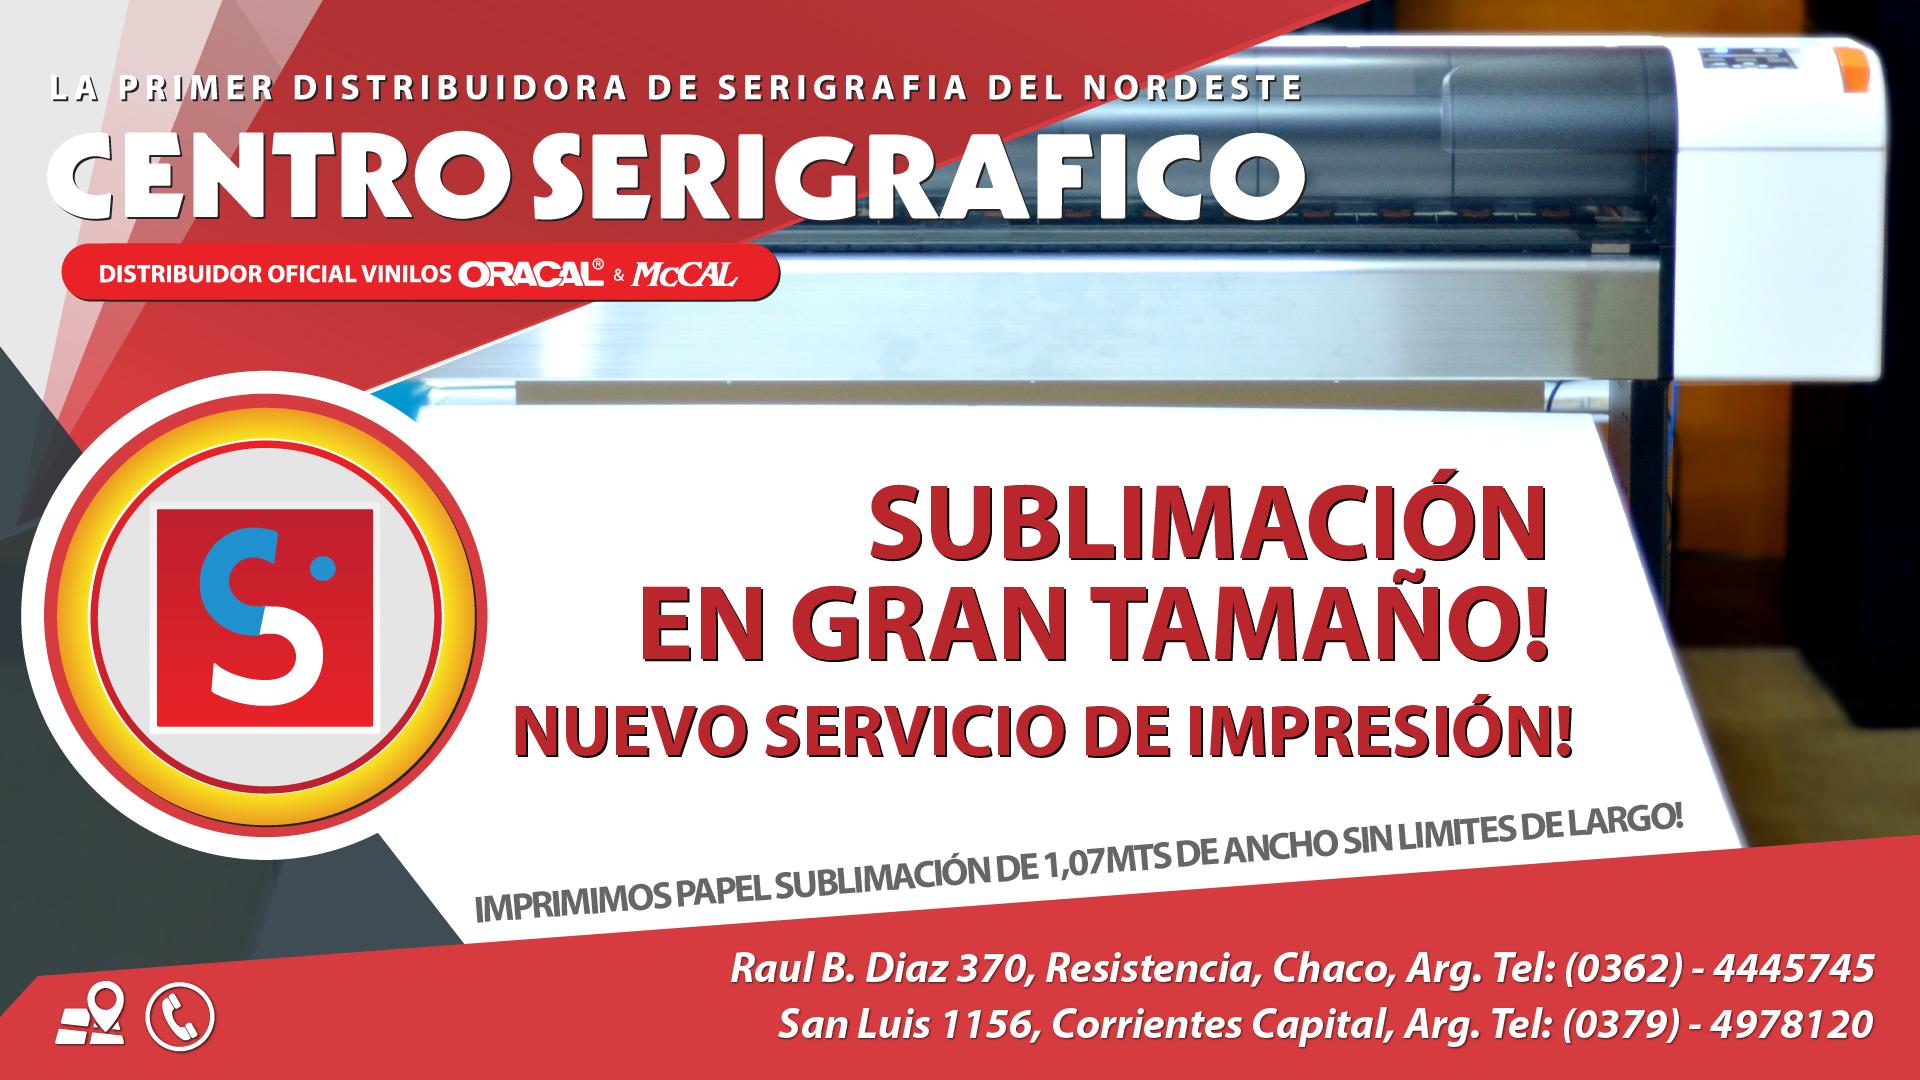 CENTROSERIGRAFICO_servicio_impresion-10